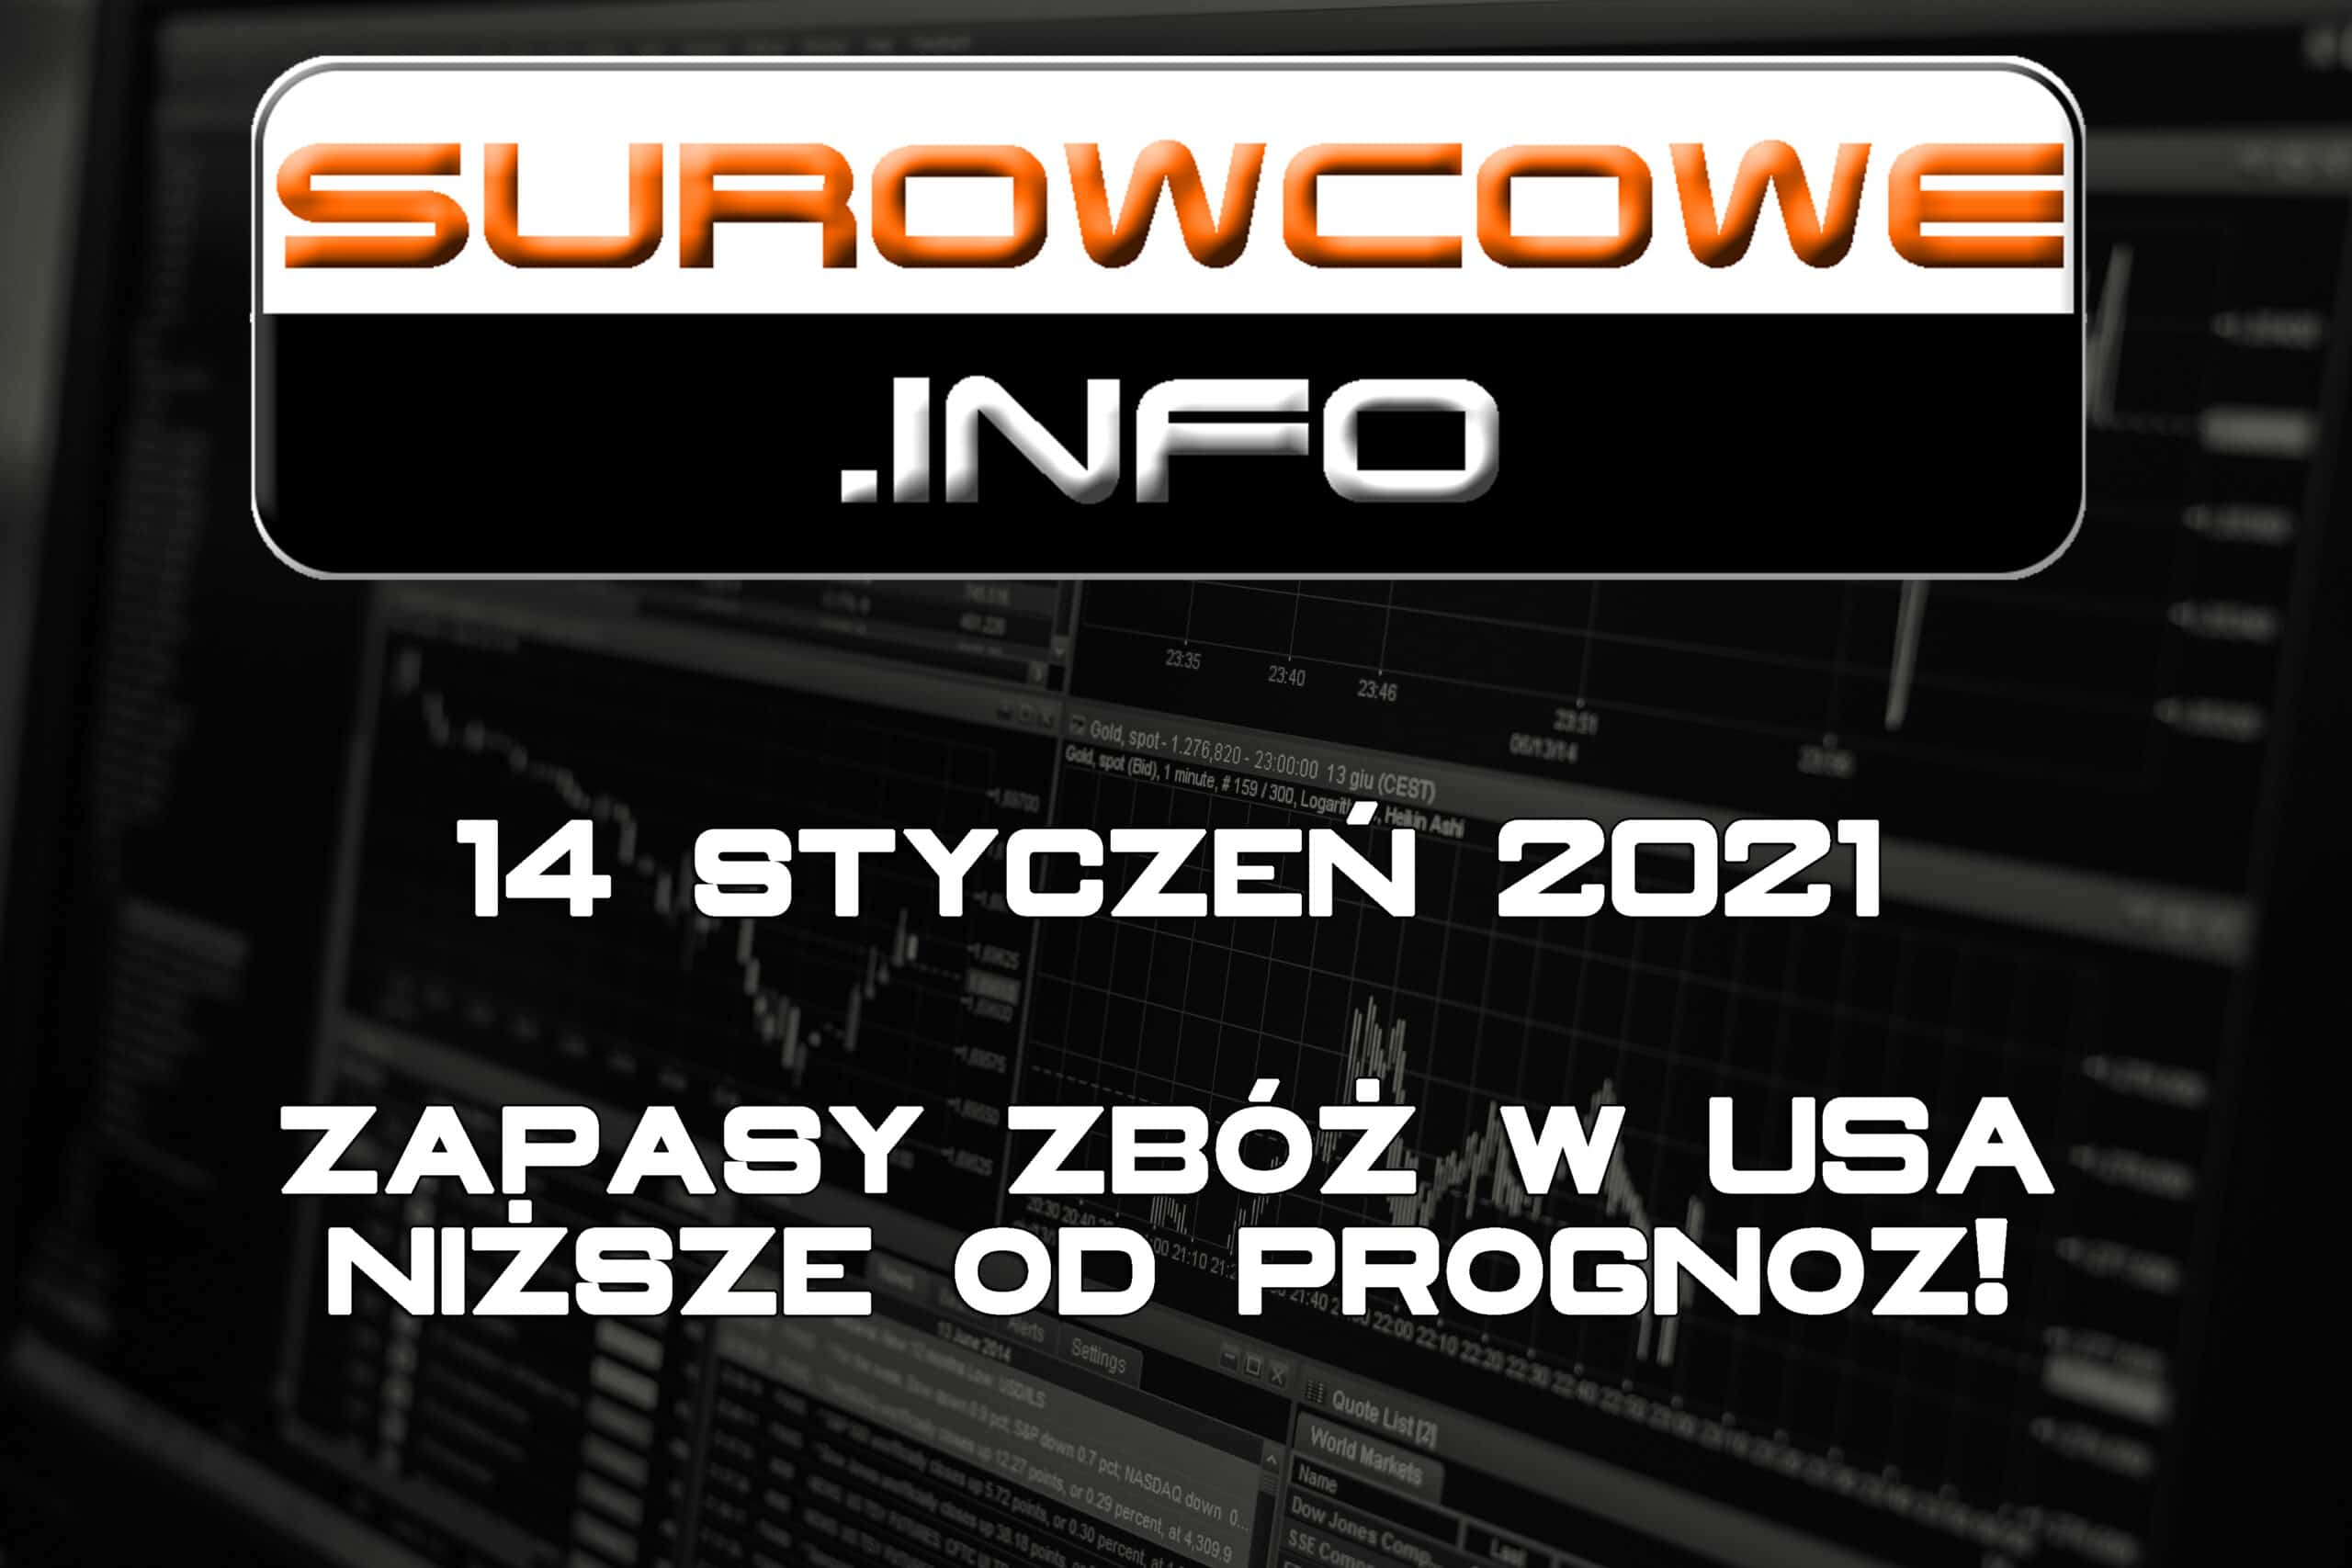 surowcowe info 14 styczeń 2021